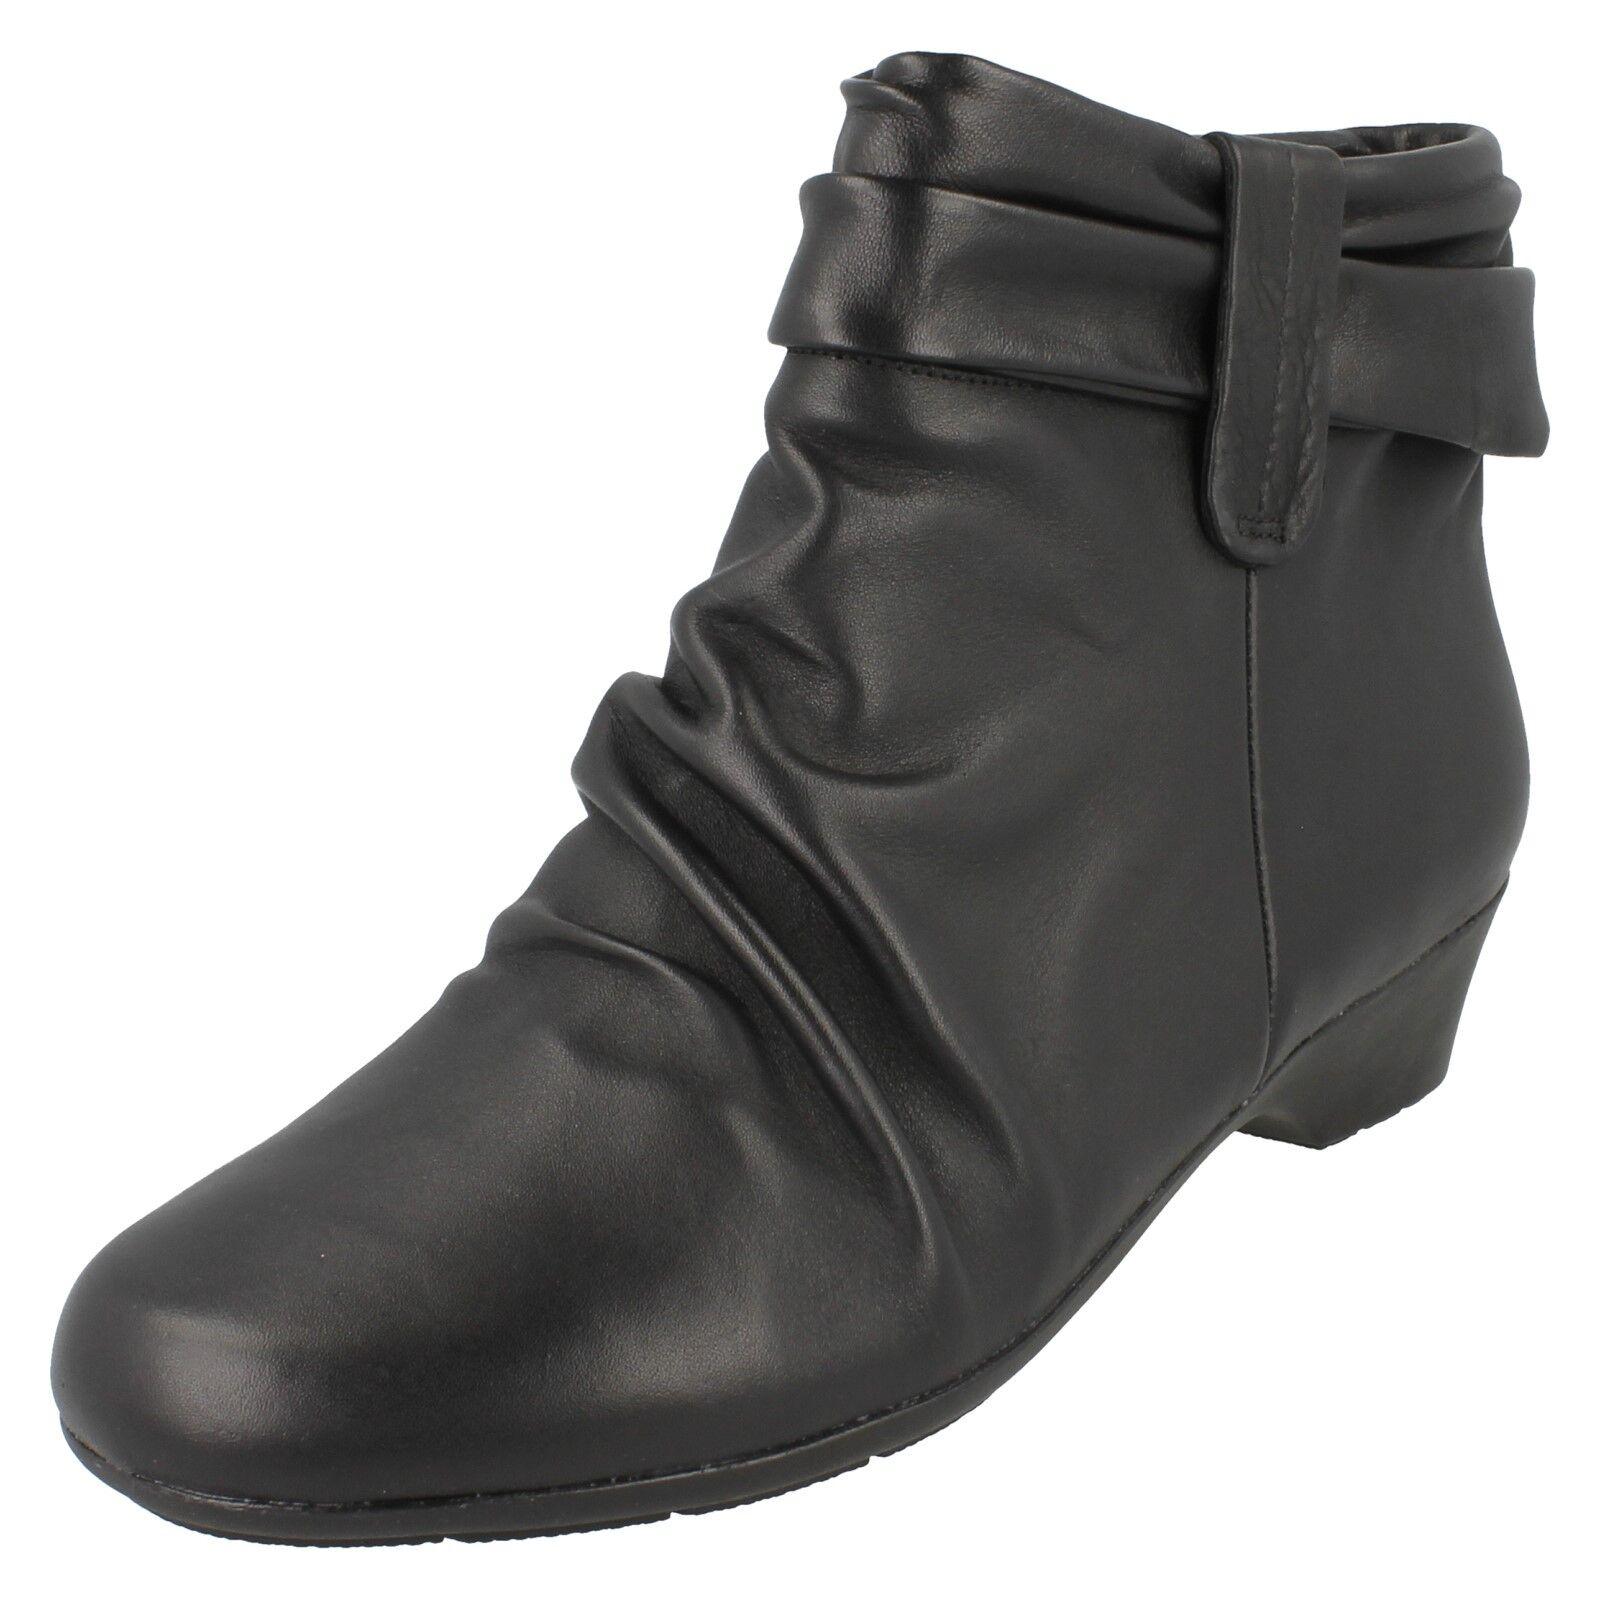 Damen Clarks breite Gerüscht Passform schwarzes Leder Gerüscht breite Freizeit Stiefeletten 9dbb89